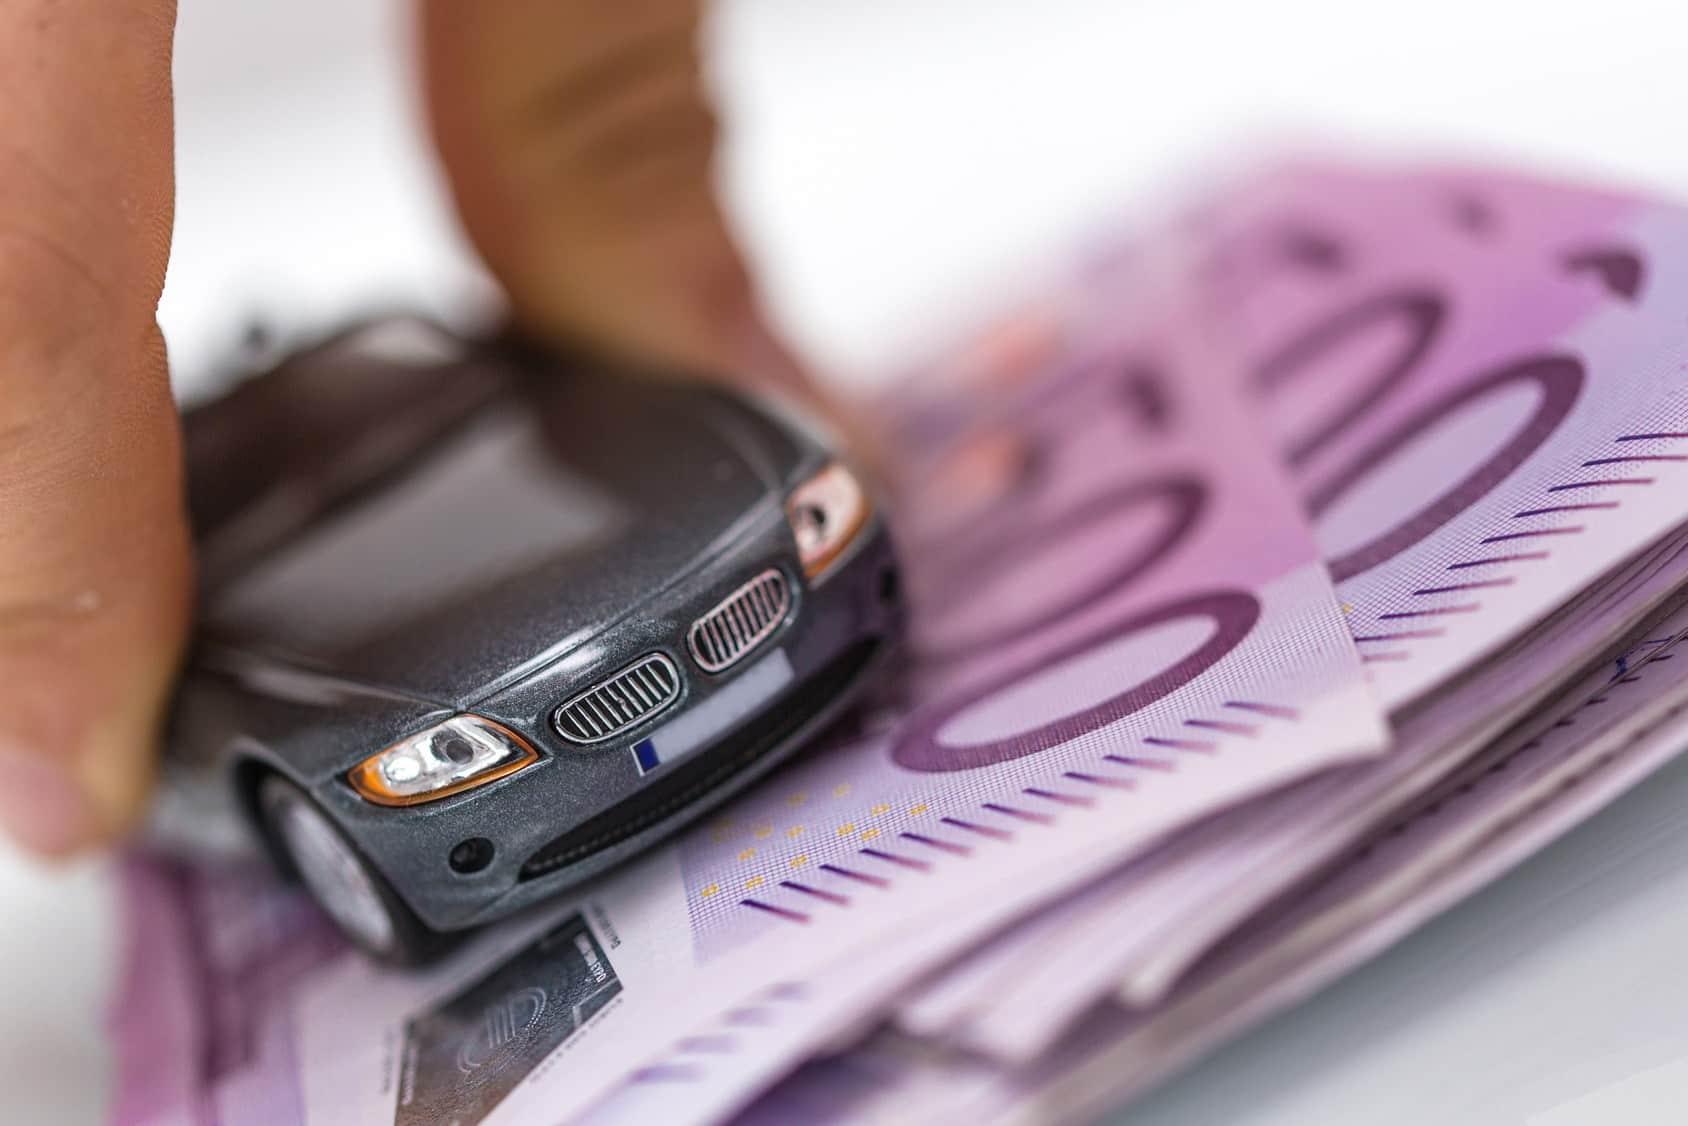 préstamos en madrid dinero en efectivo